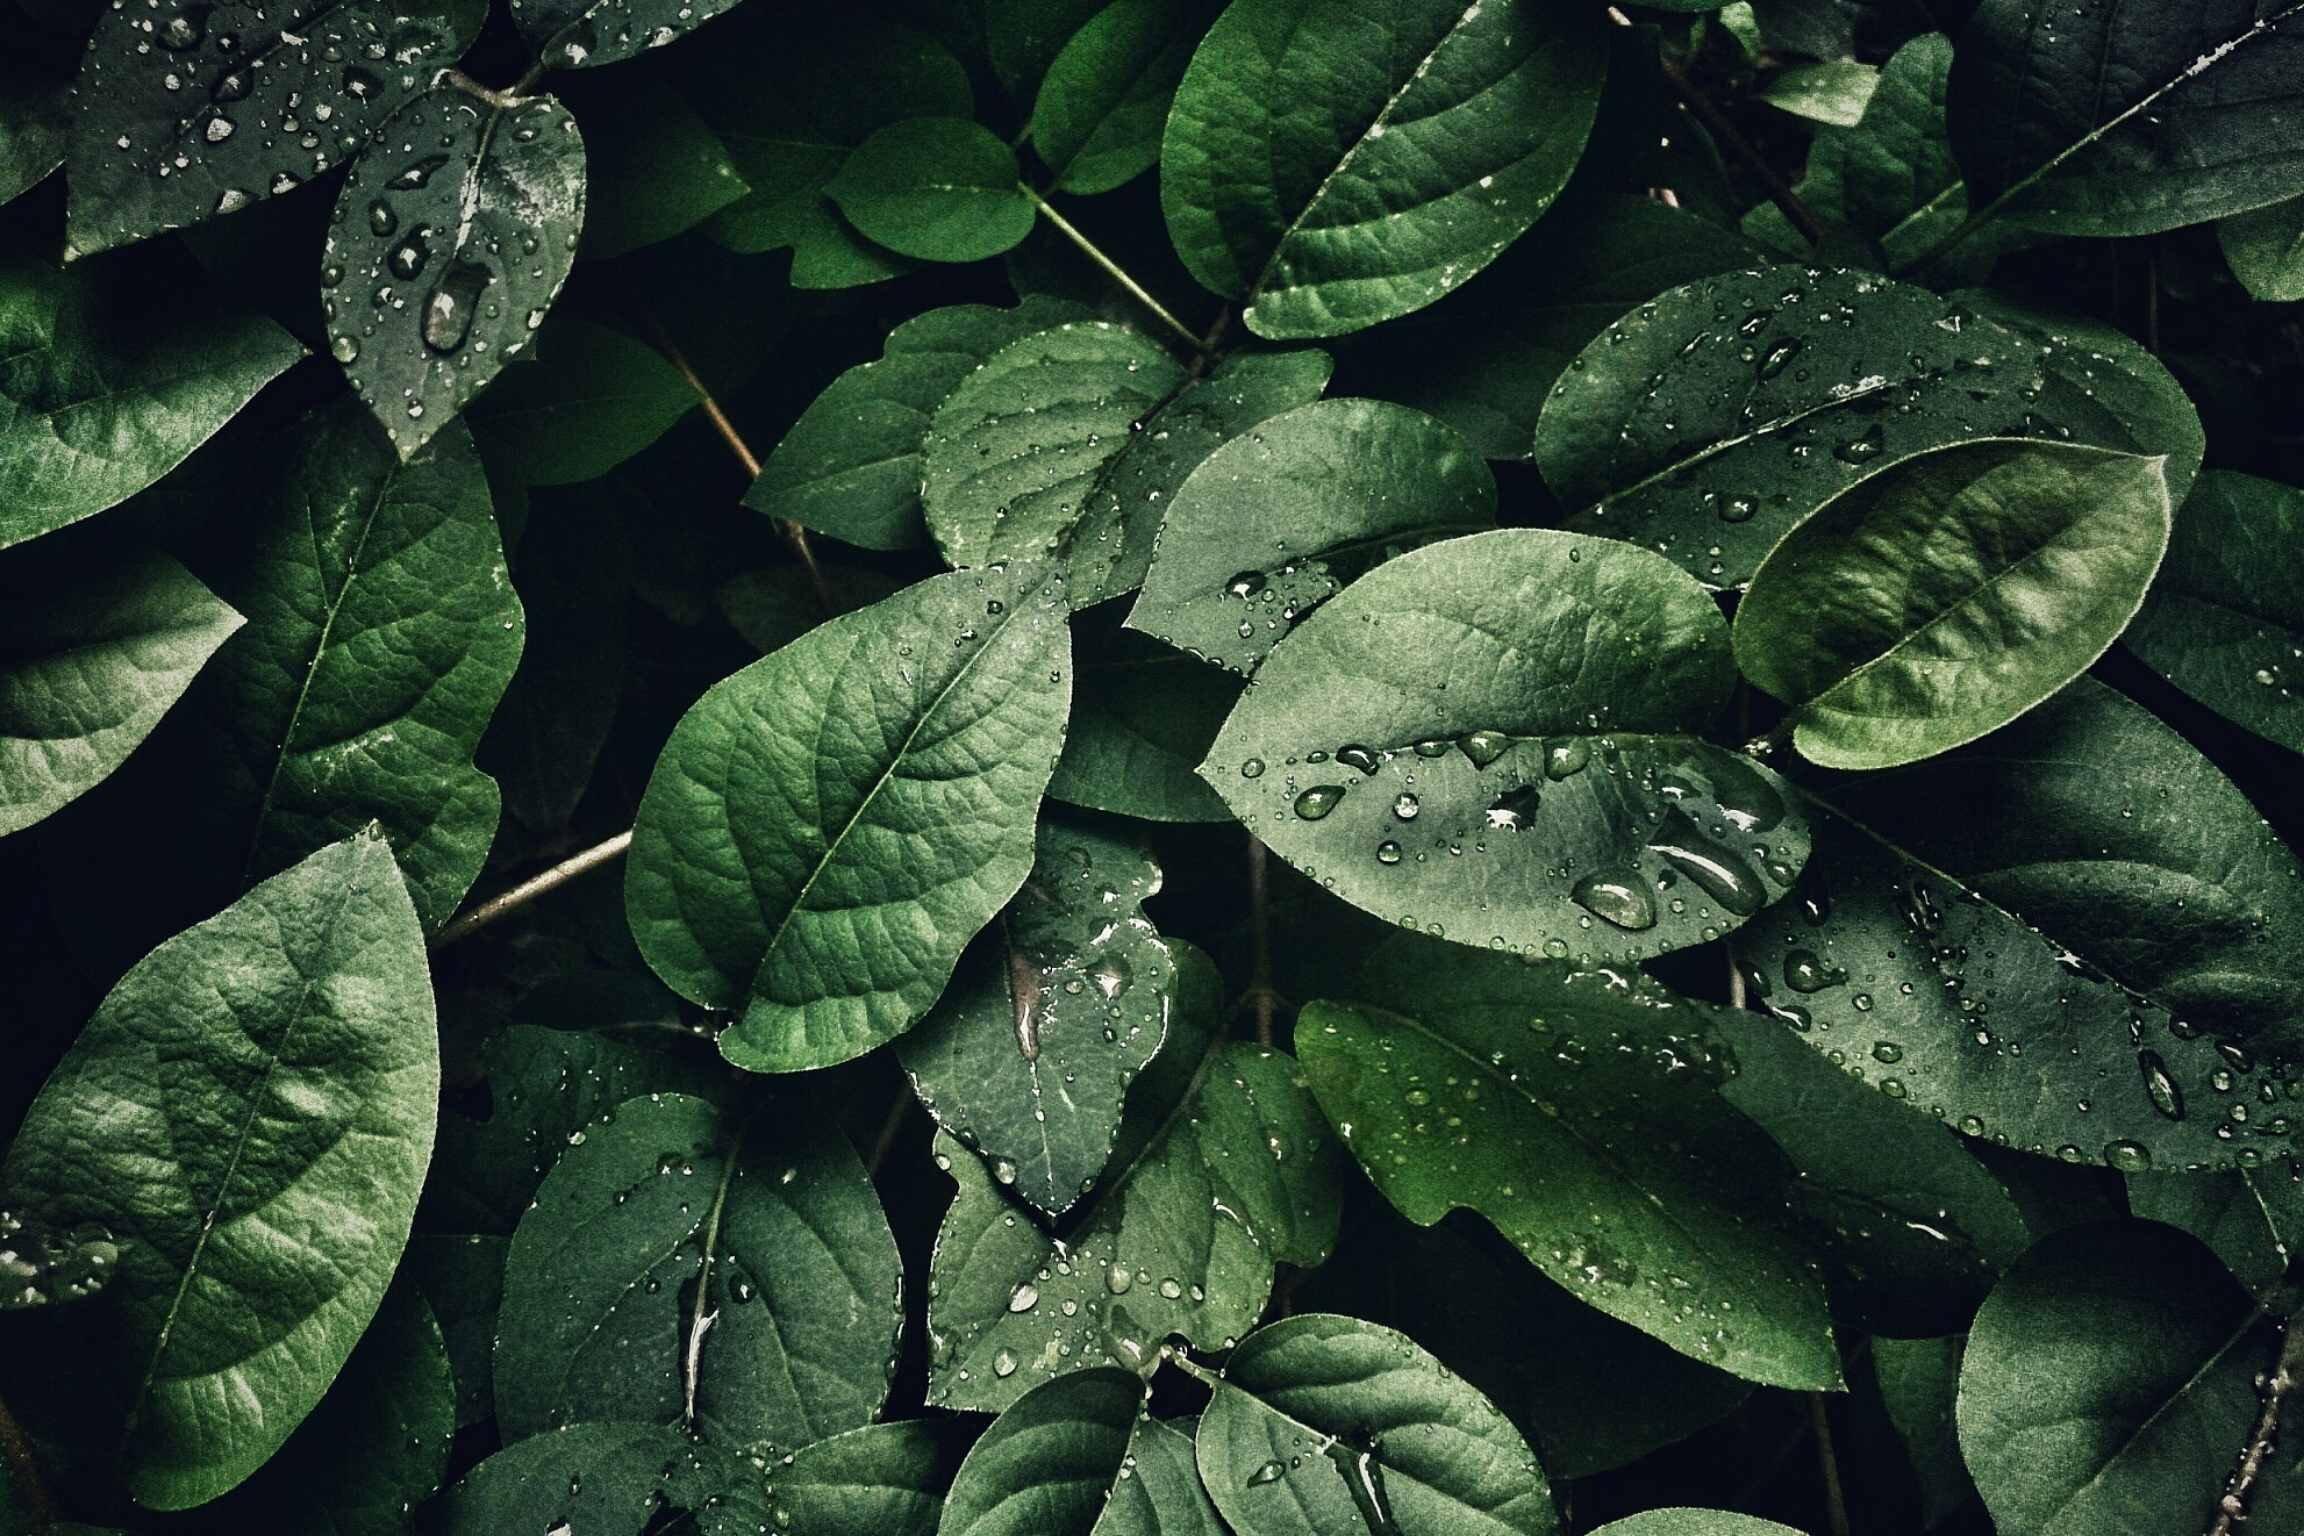 ekogość-ecohotel-oszczędzanie-ochrona środowiska